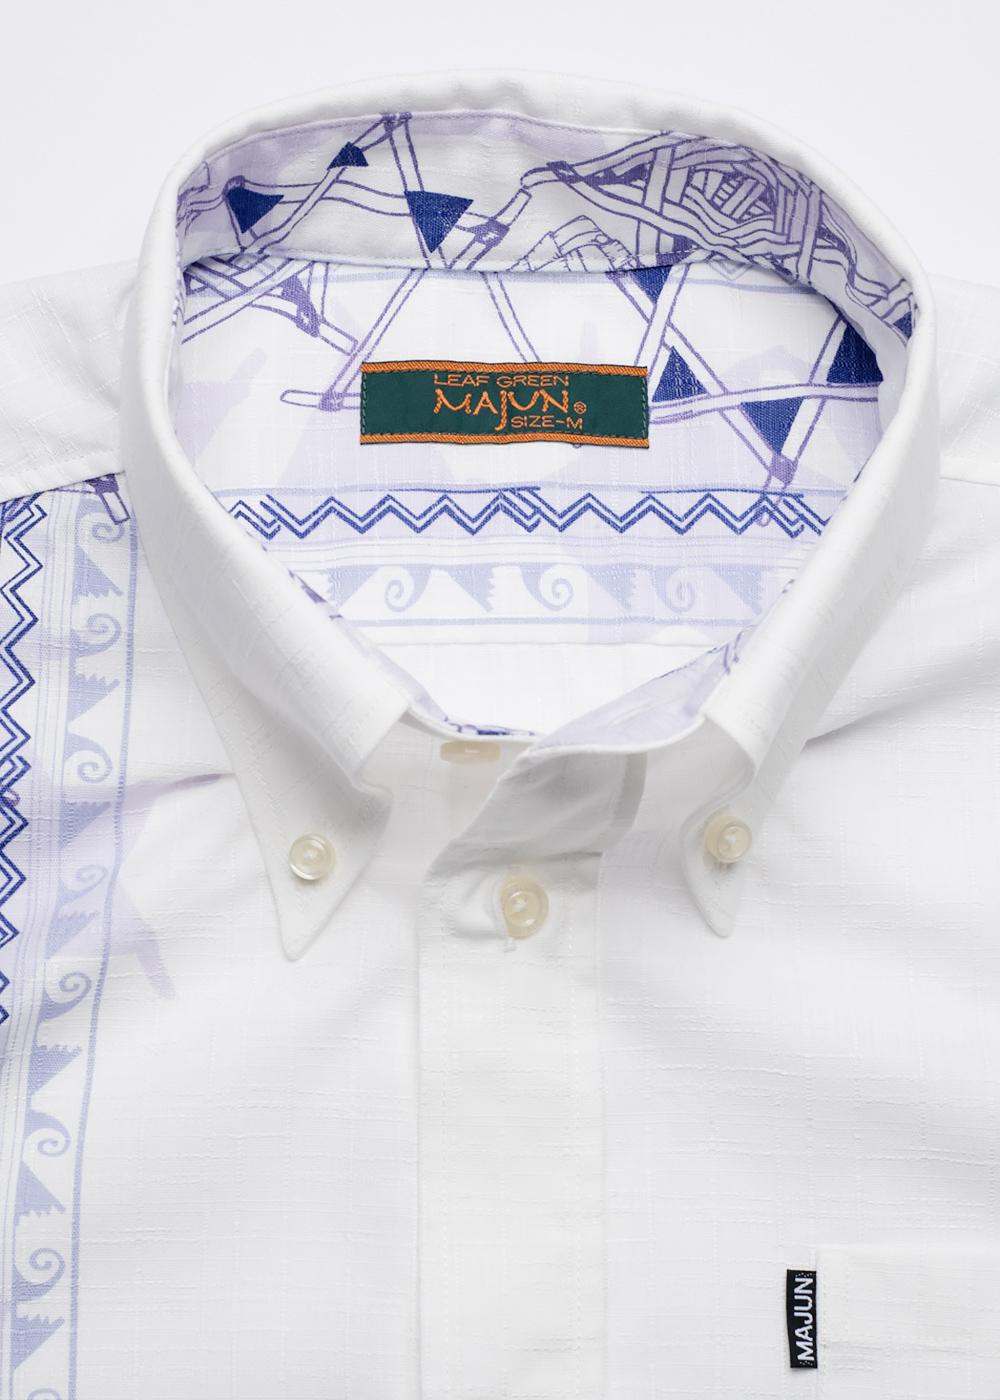 かりゆしウェア(沖縄版アロハシャツ) MAJUN - レトロスピリッツ